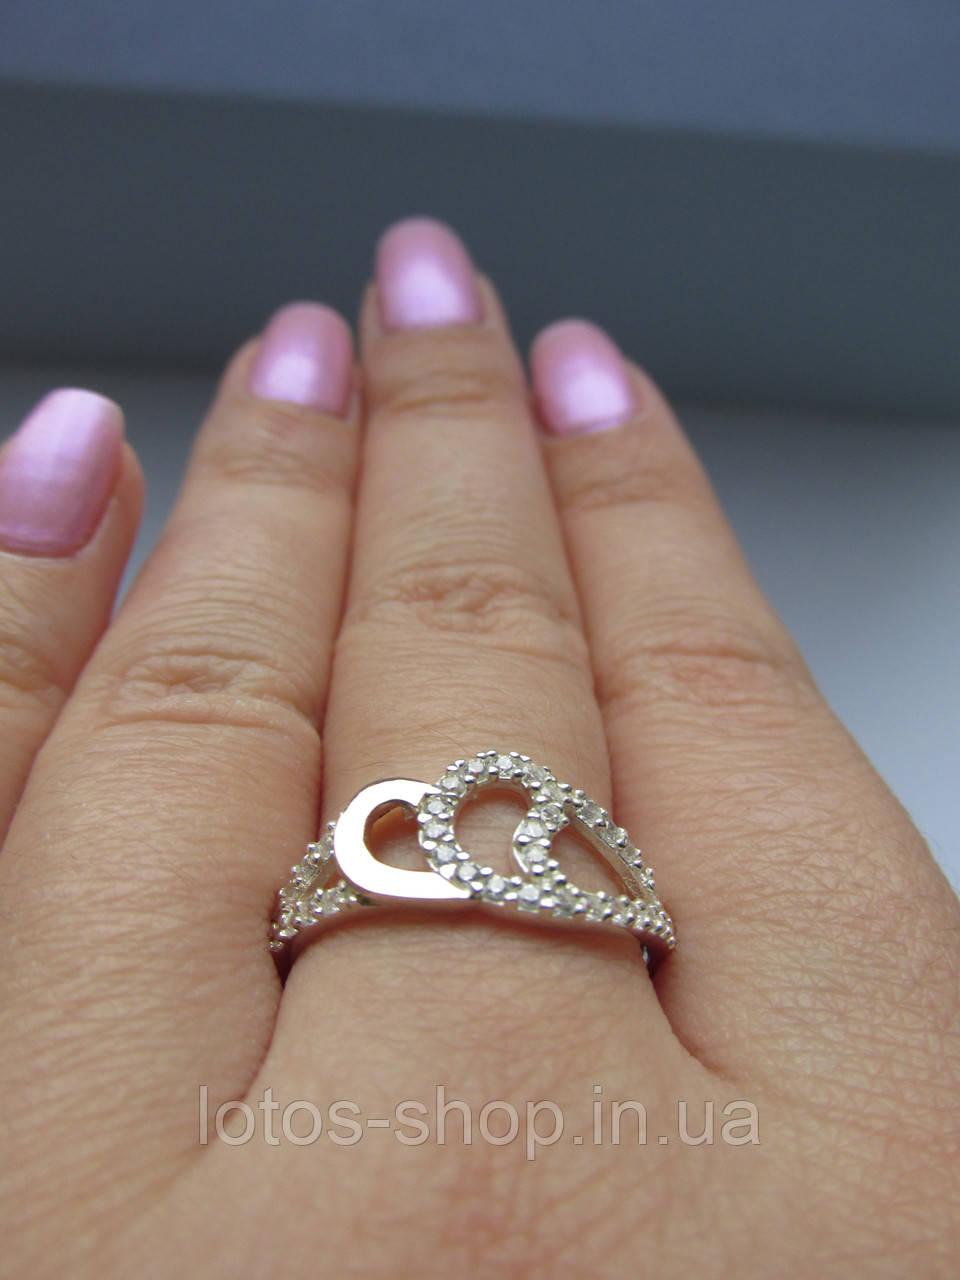 """Серебряное кольцо с золотыми накладками""""Мистик"""""""